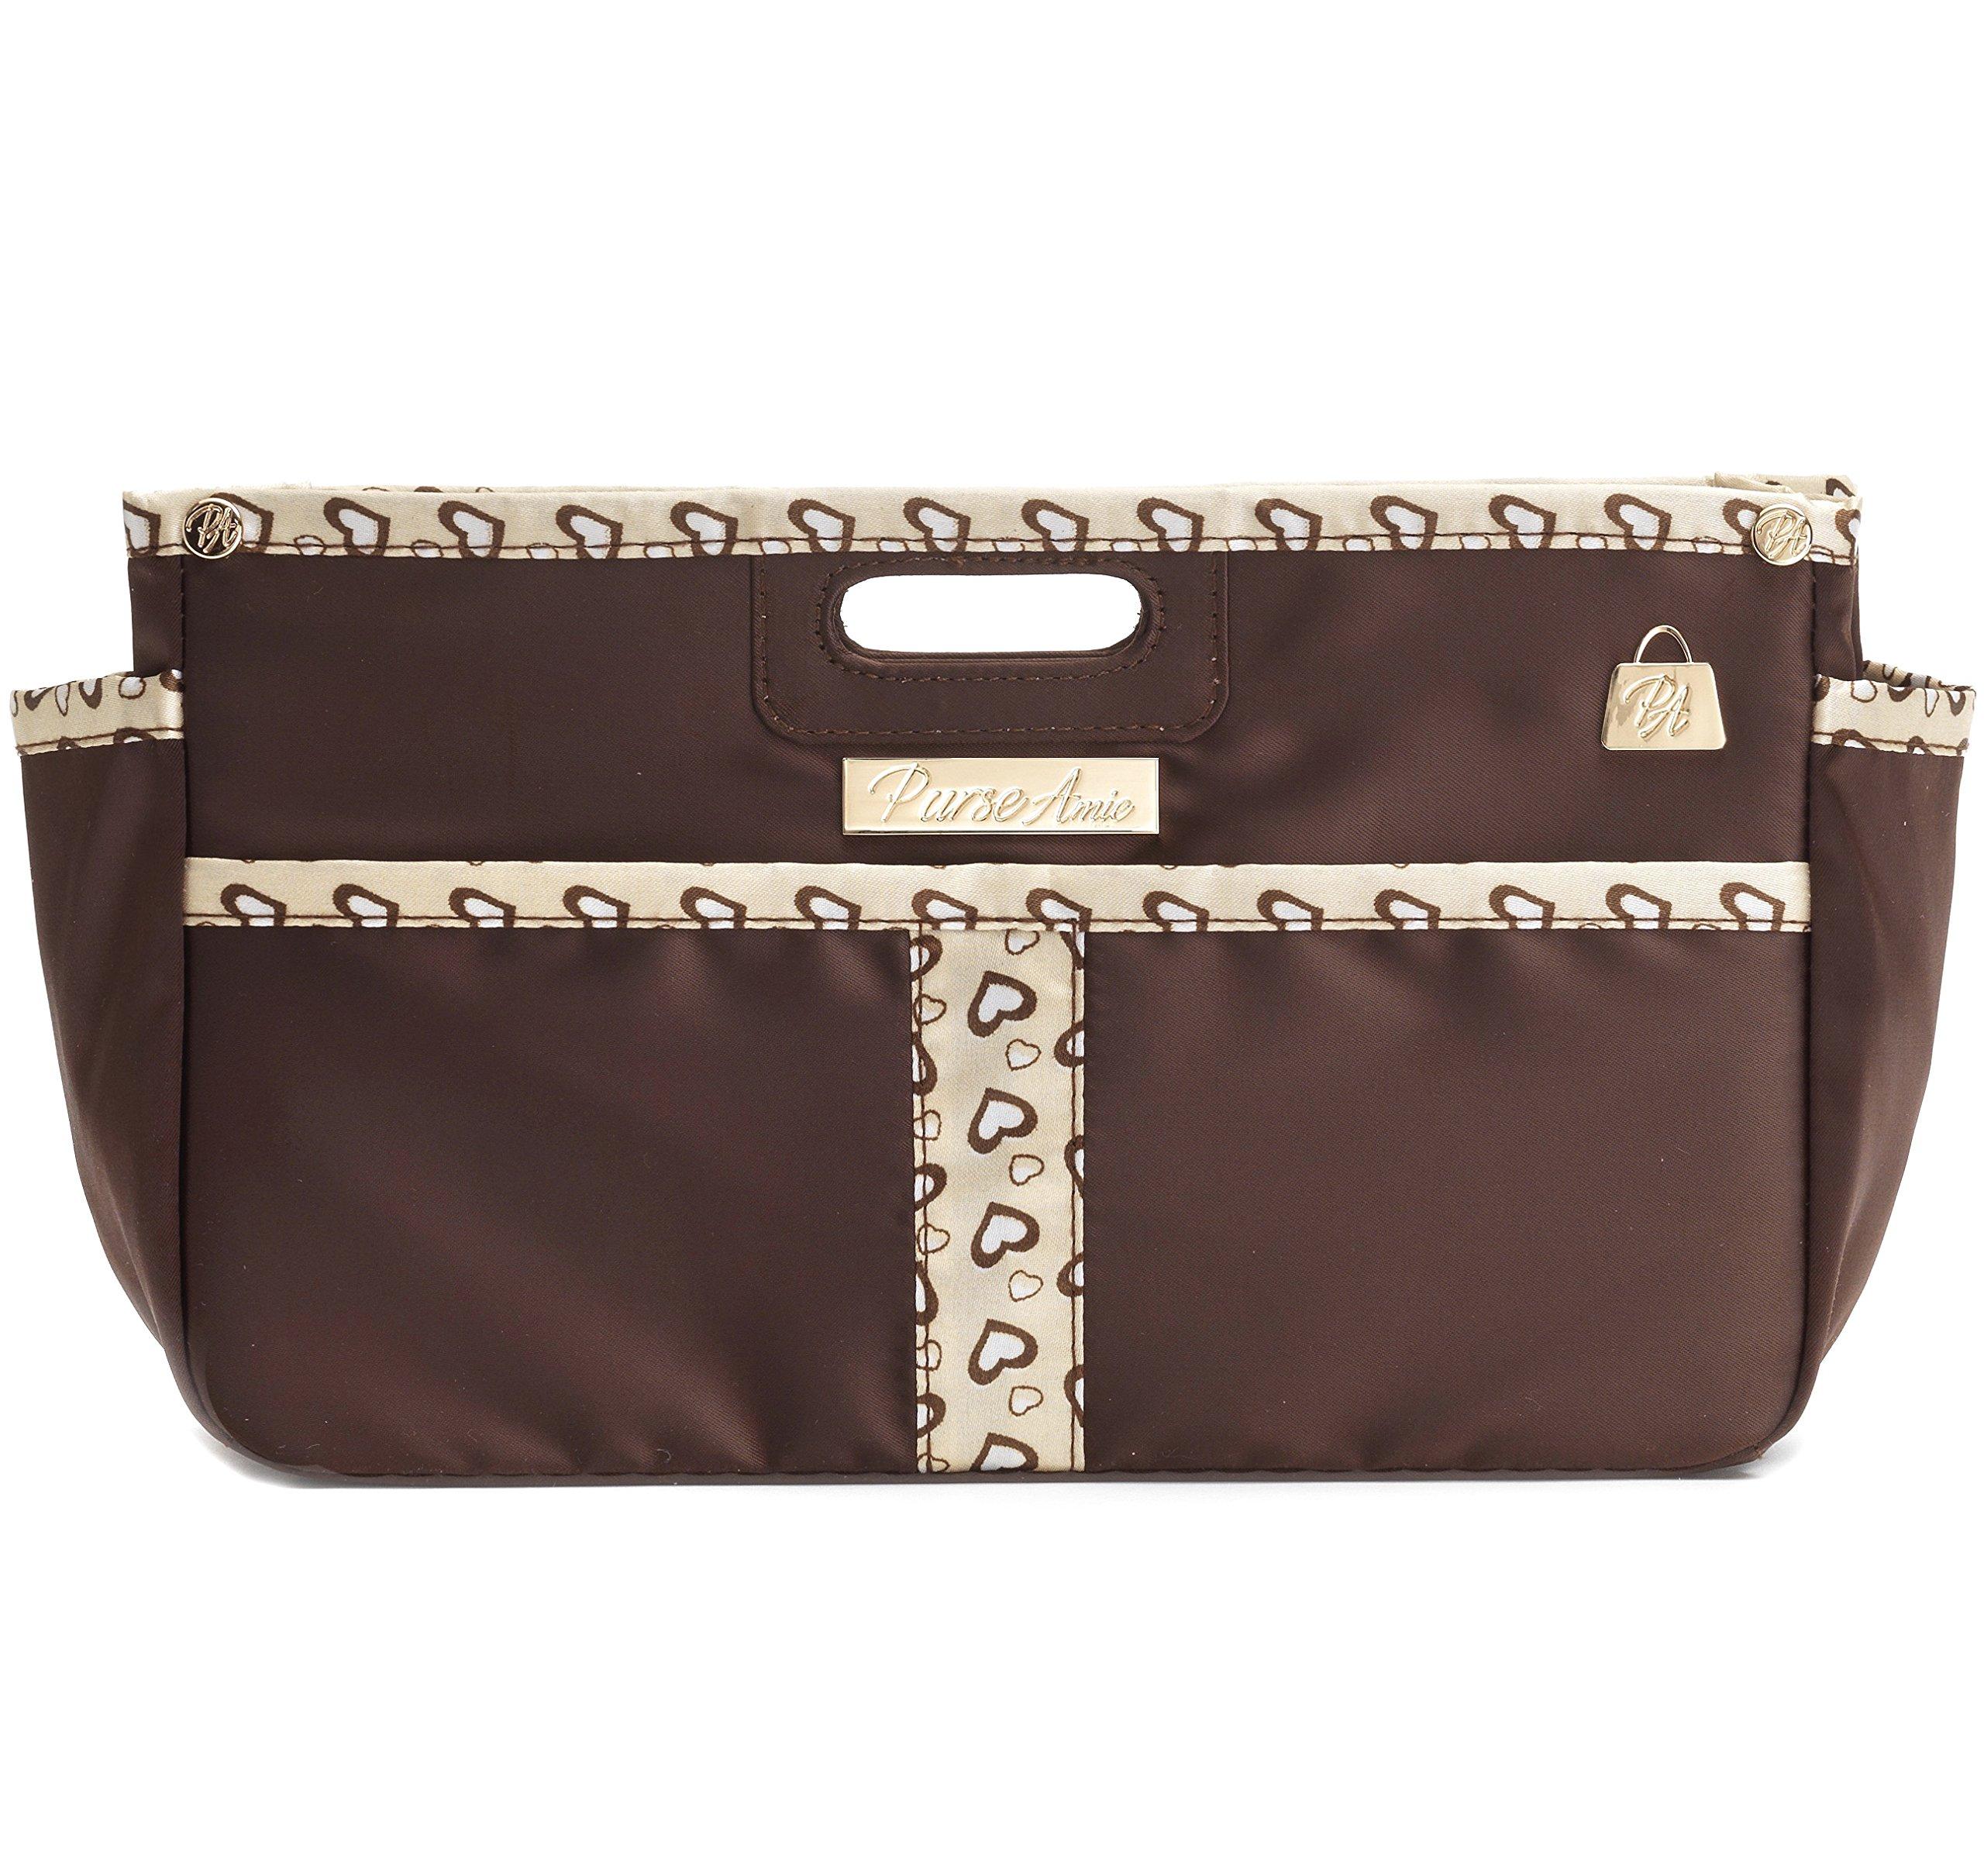 PurseAmie Brown Purse Organizer Insert, Handbag Liner, Brown Bag Shaper, Tote Bag Organizer for LV, Goyard, Prada, Bag in Bag, Diaper Bag Organizer (5 Colors, 3 Sizes) (Small, Brown)